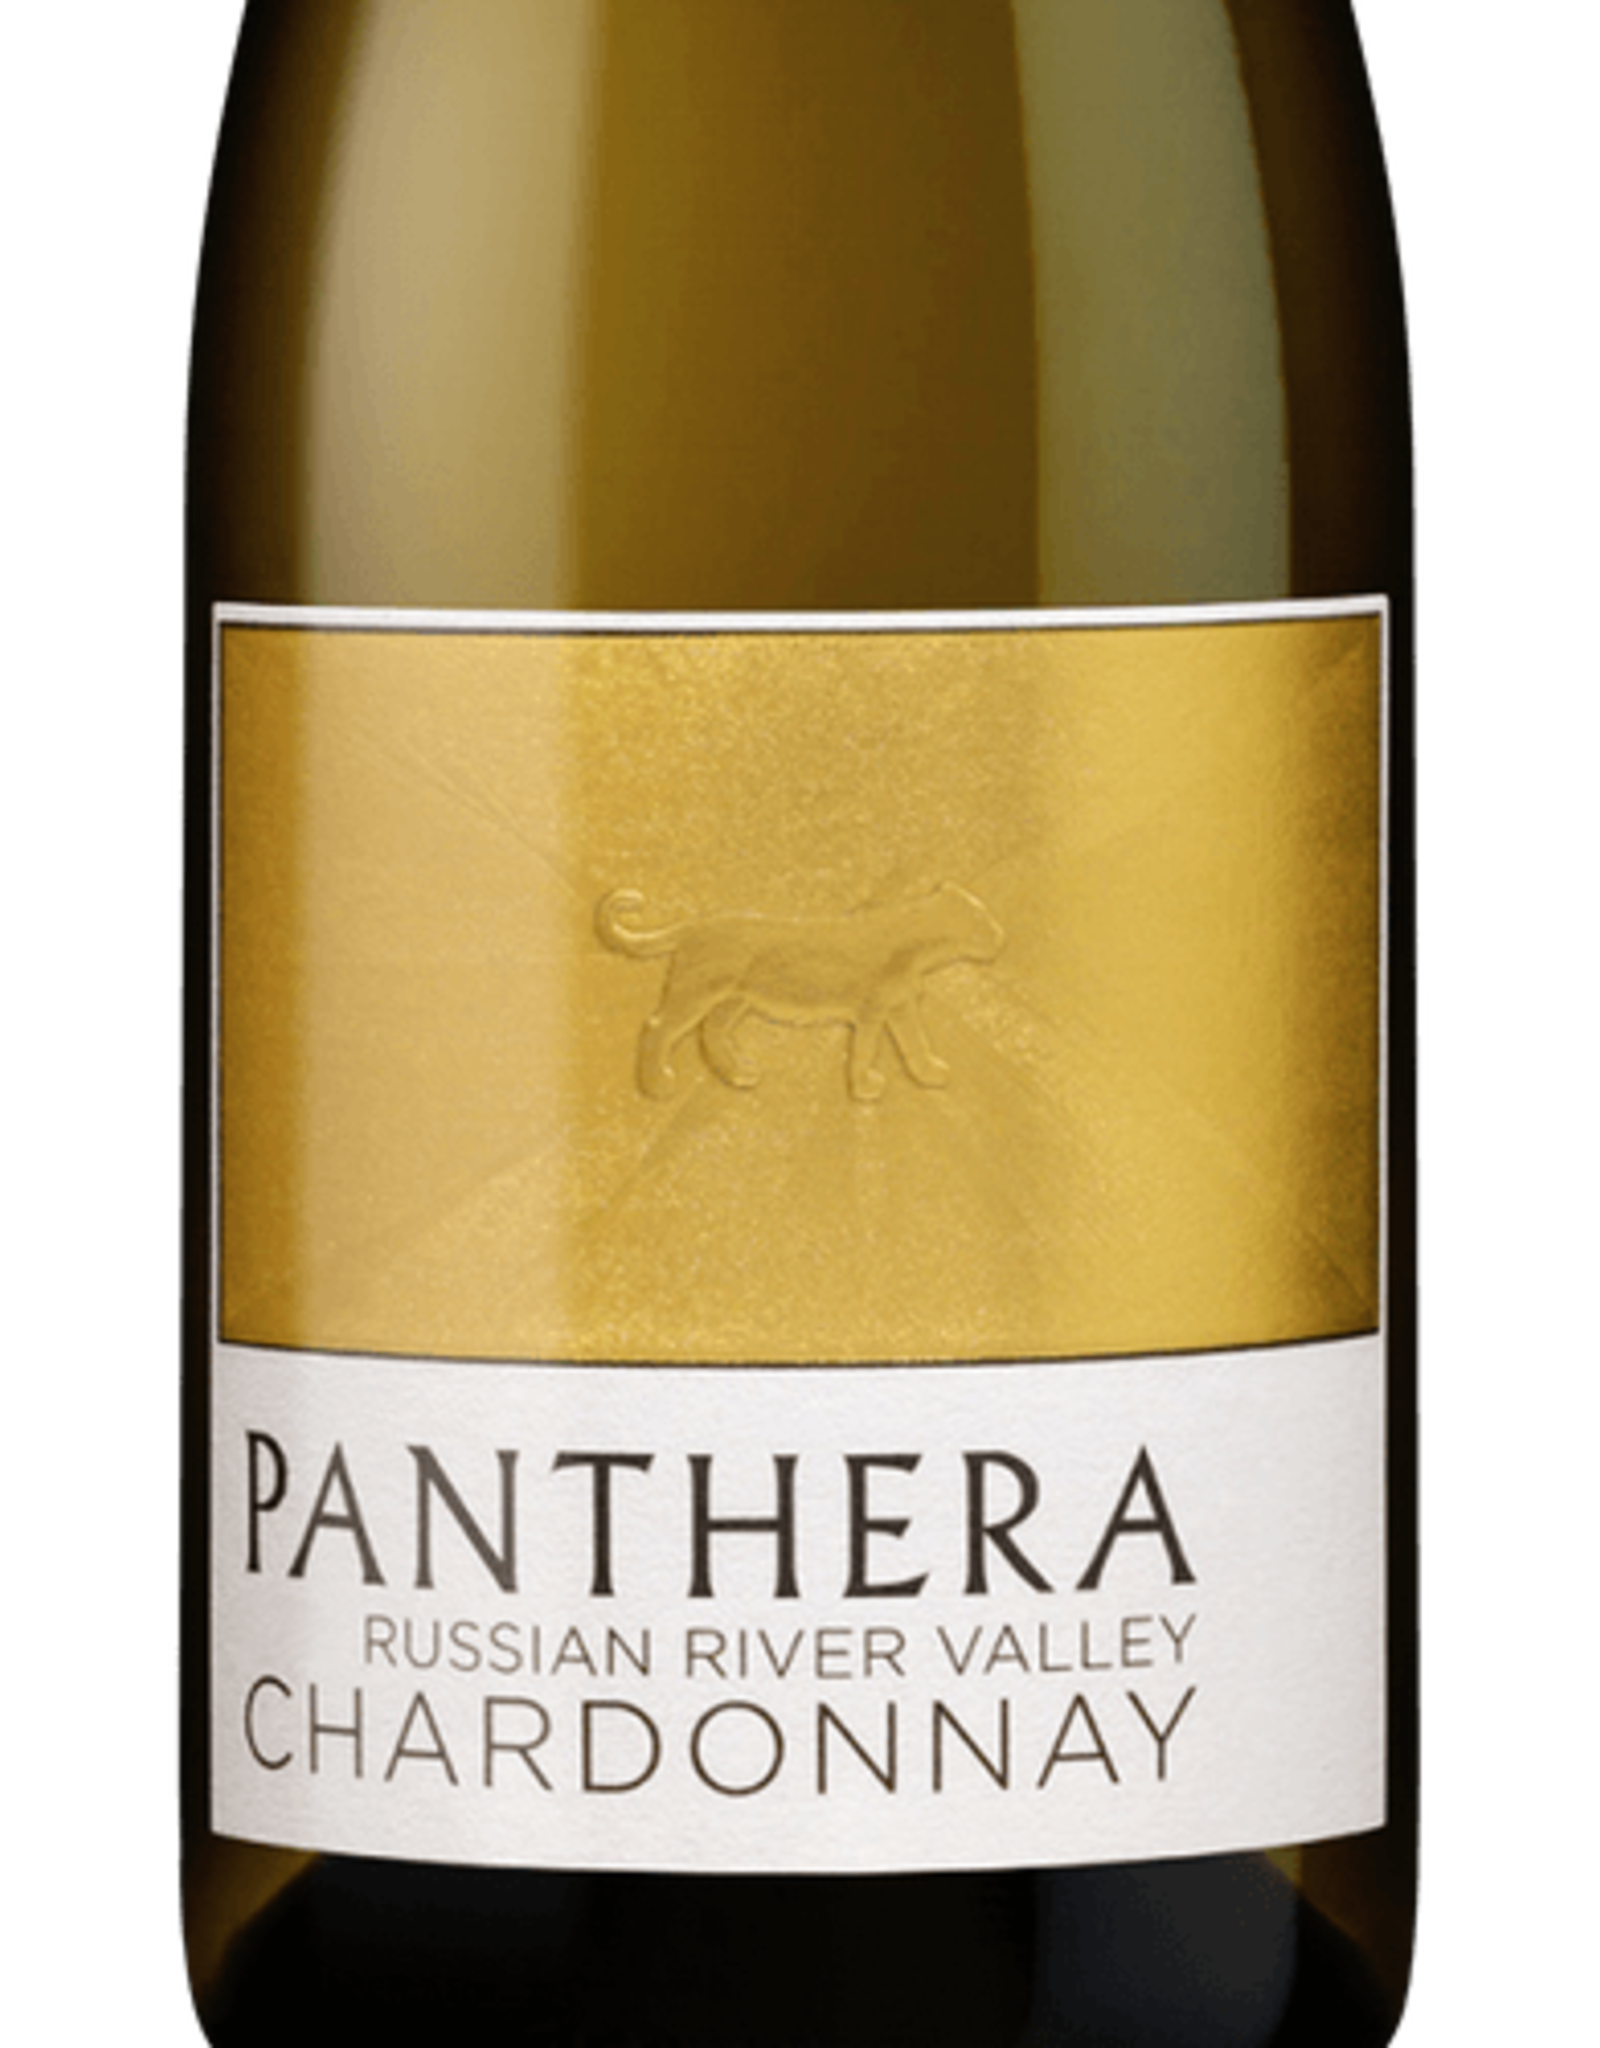 PANTHERA CHARDONNAY 2016